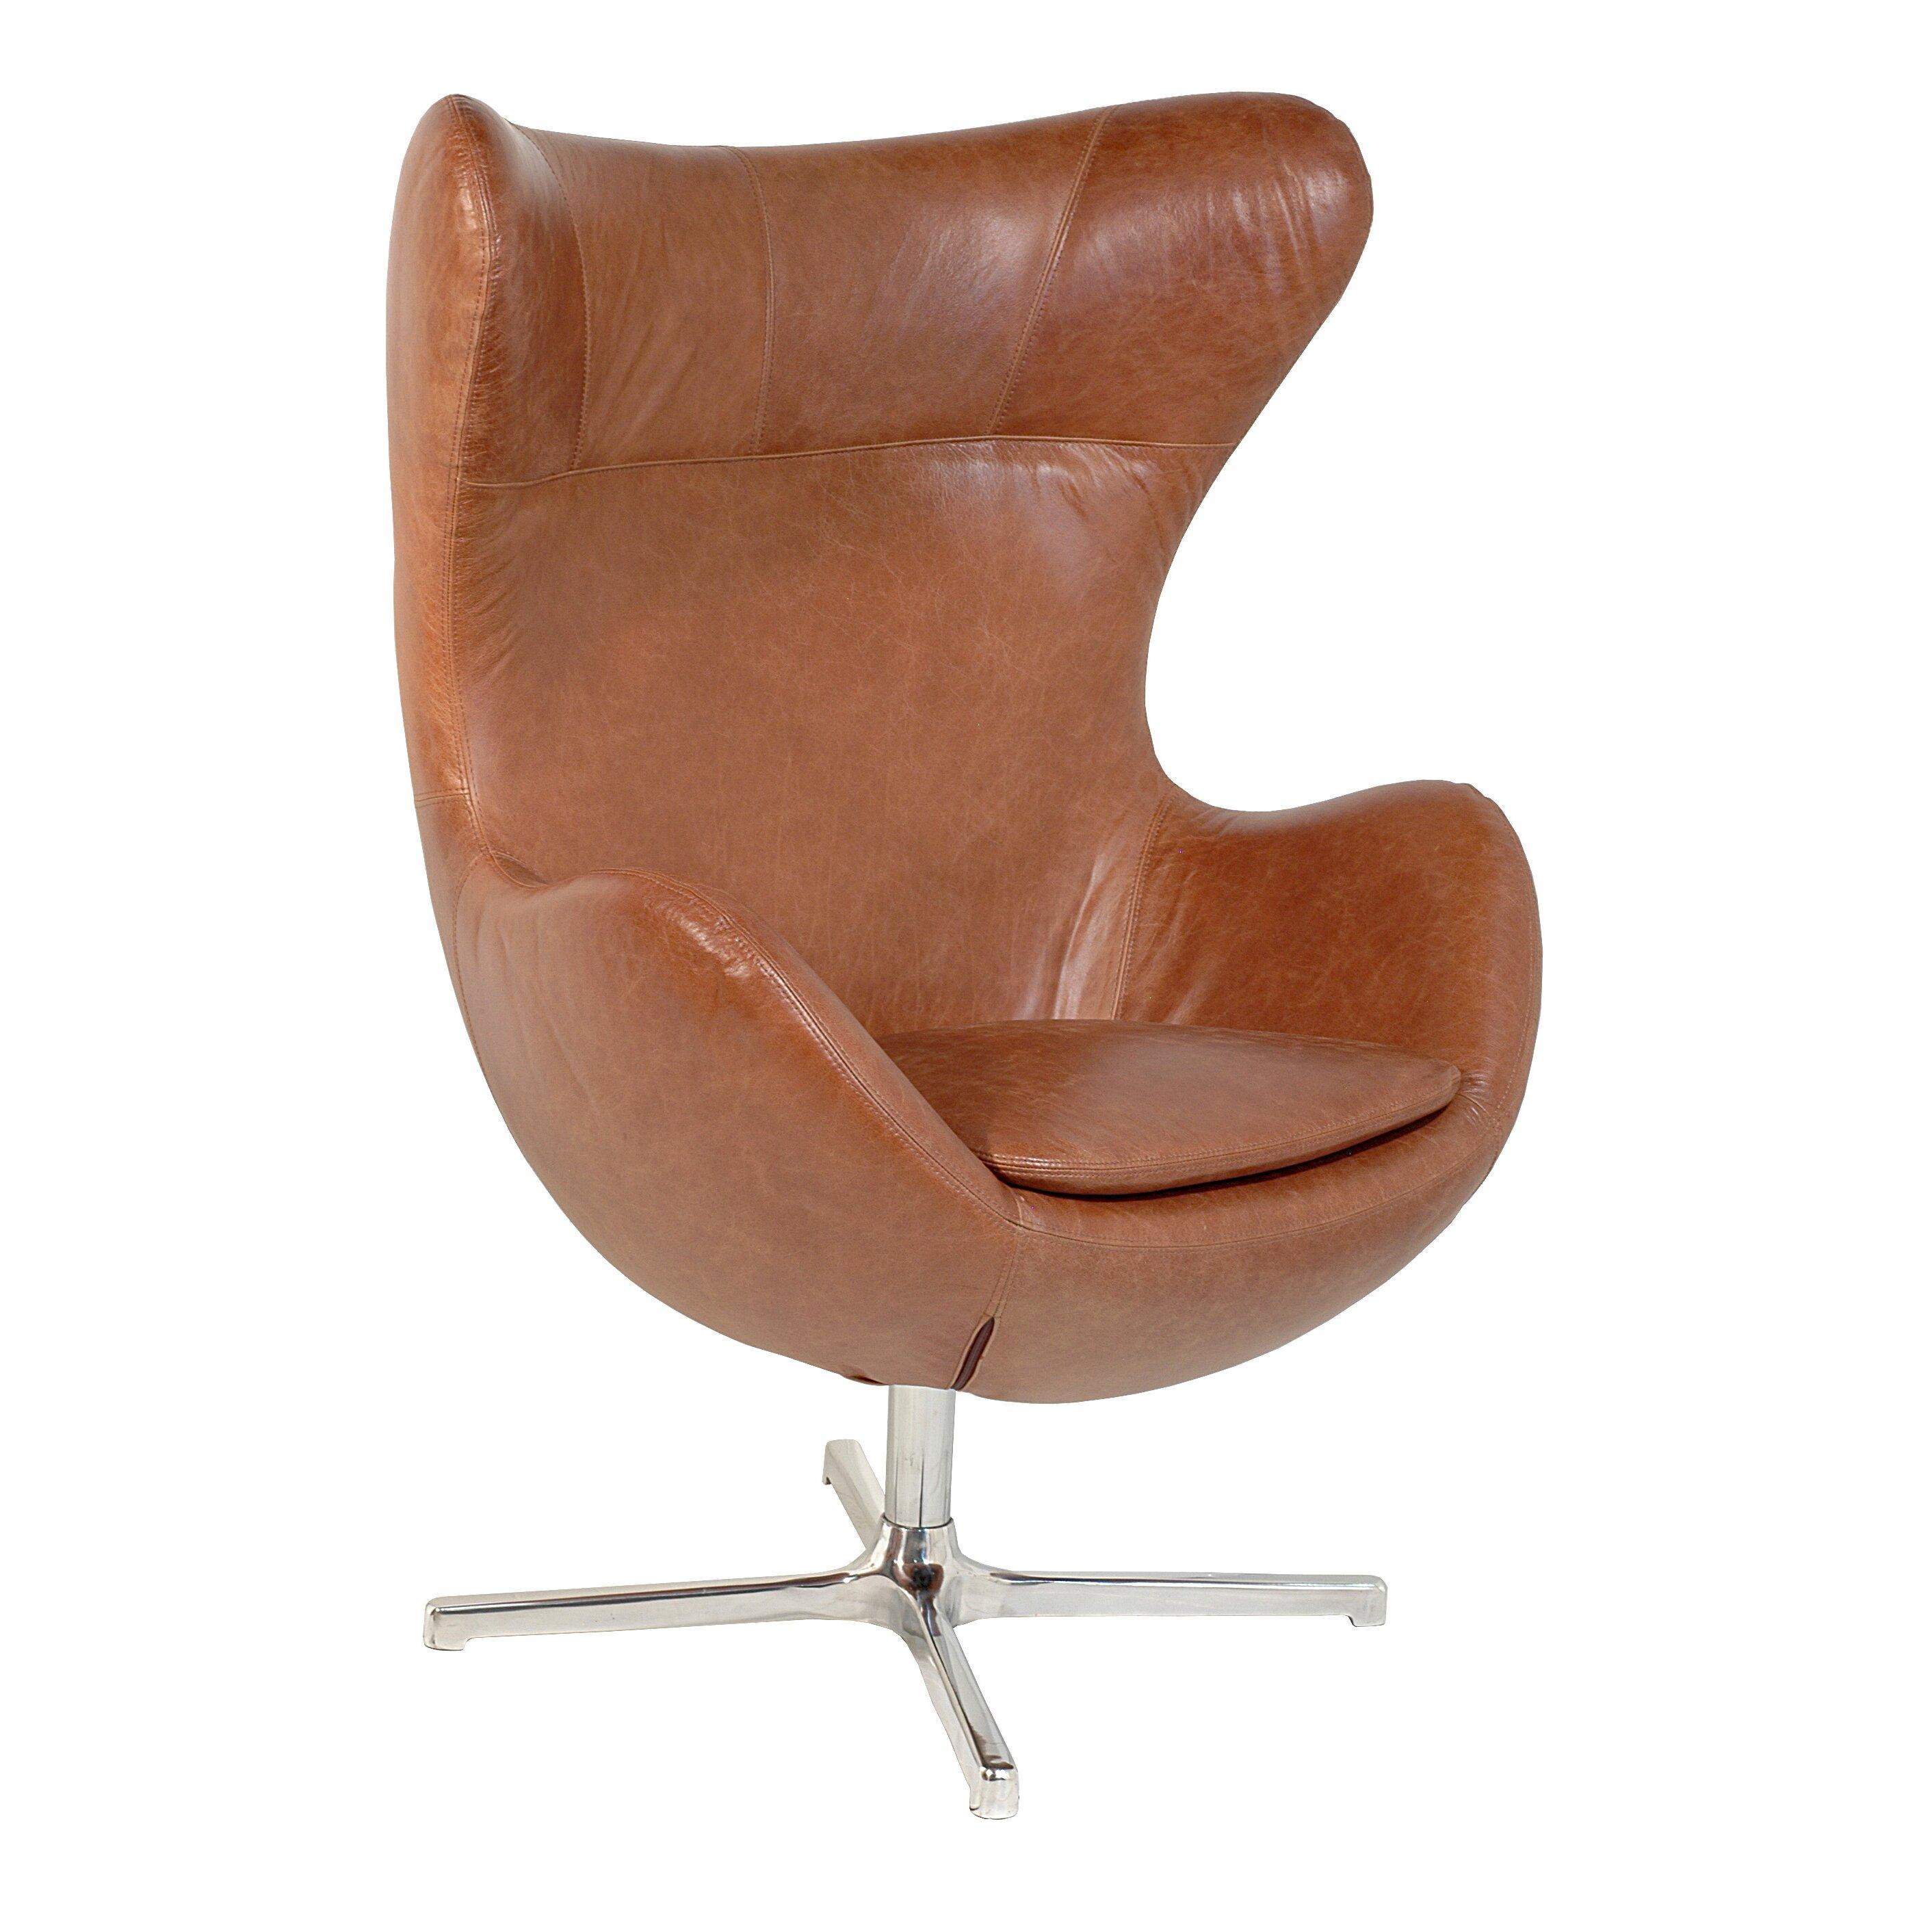 la viola d cor muna egg shape arm chair reviews wayfair